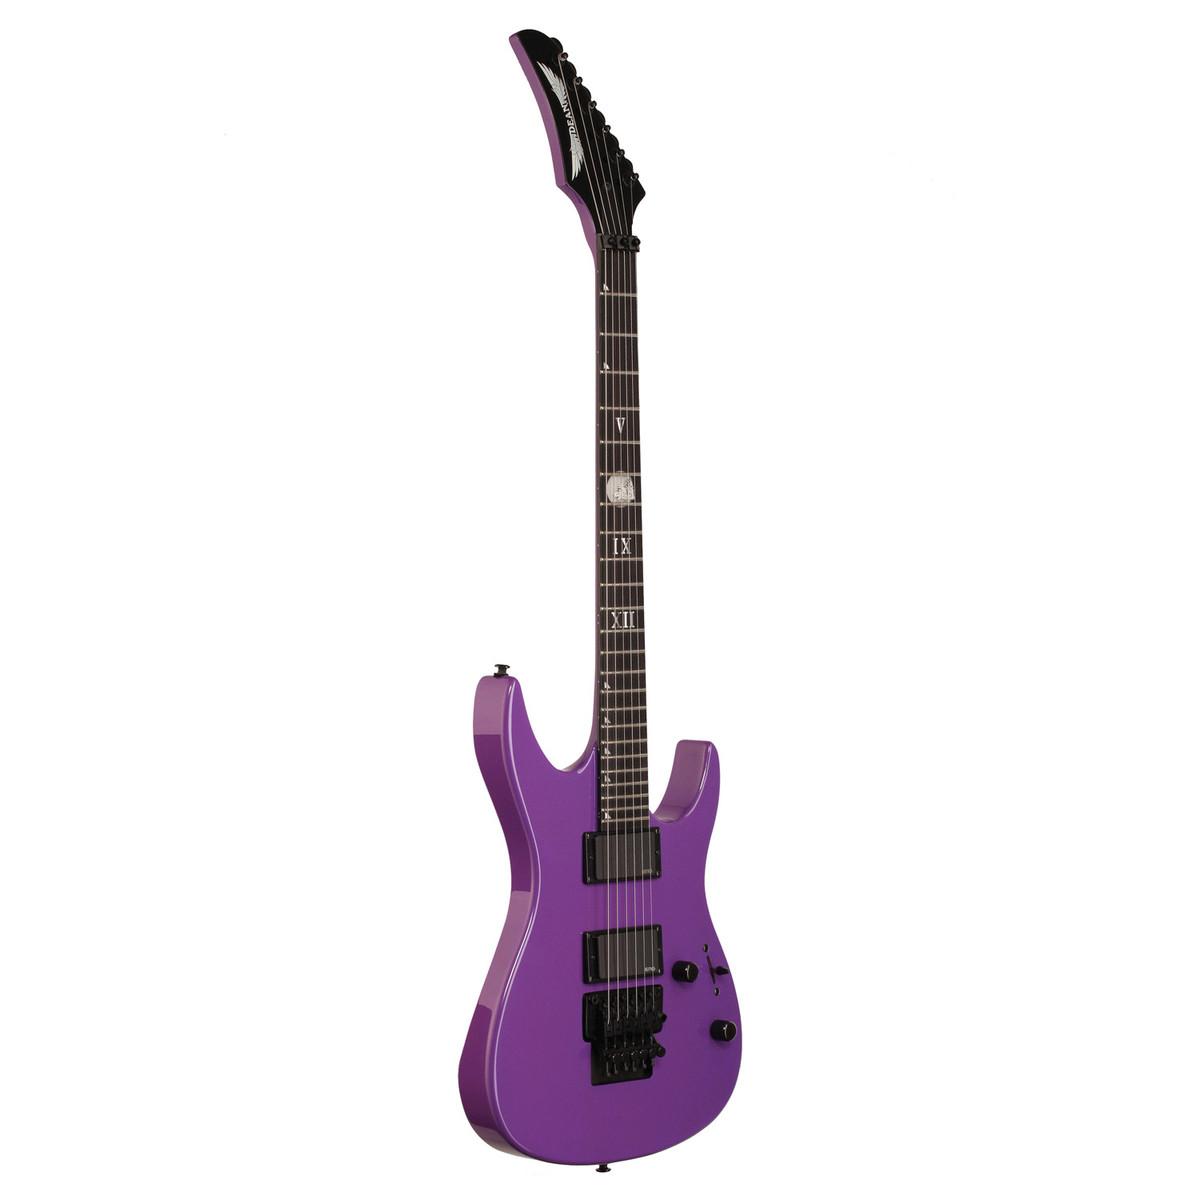 Dean Jacky Vincent C450F Electric Guitar, Purple - Ex Demo ...